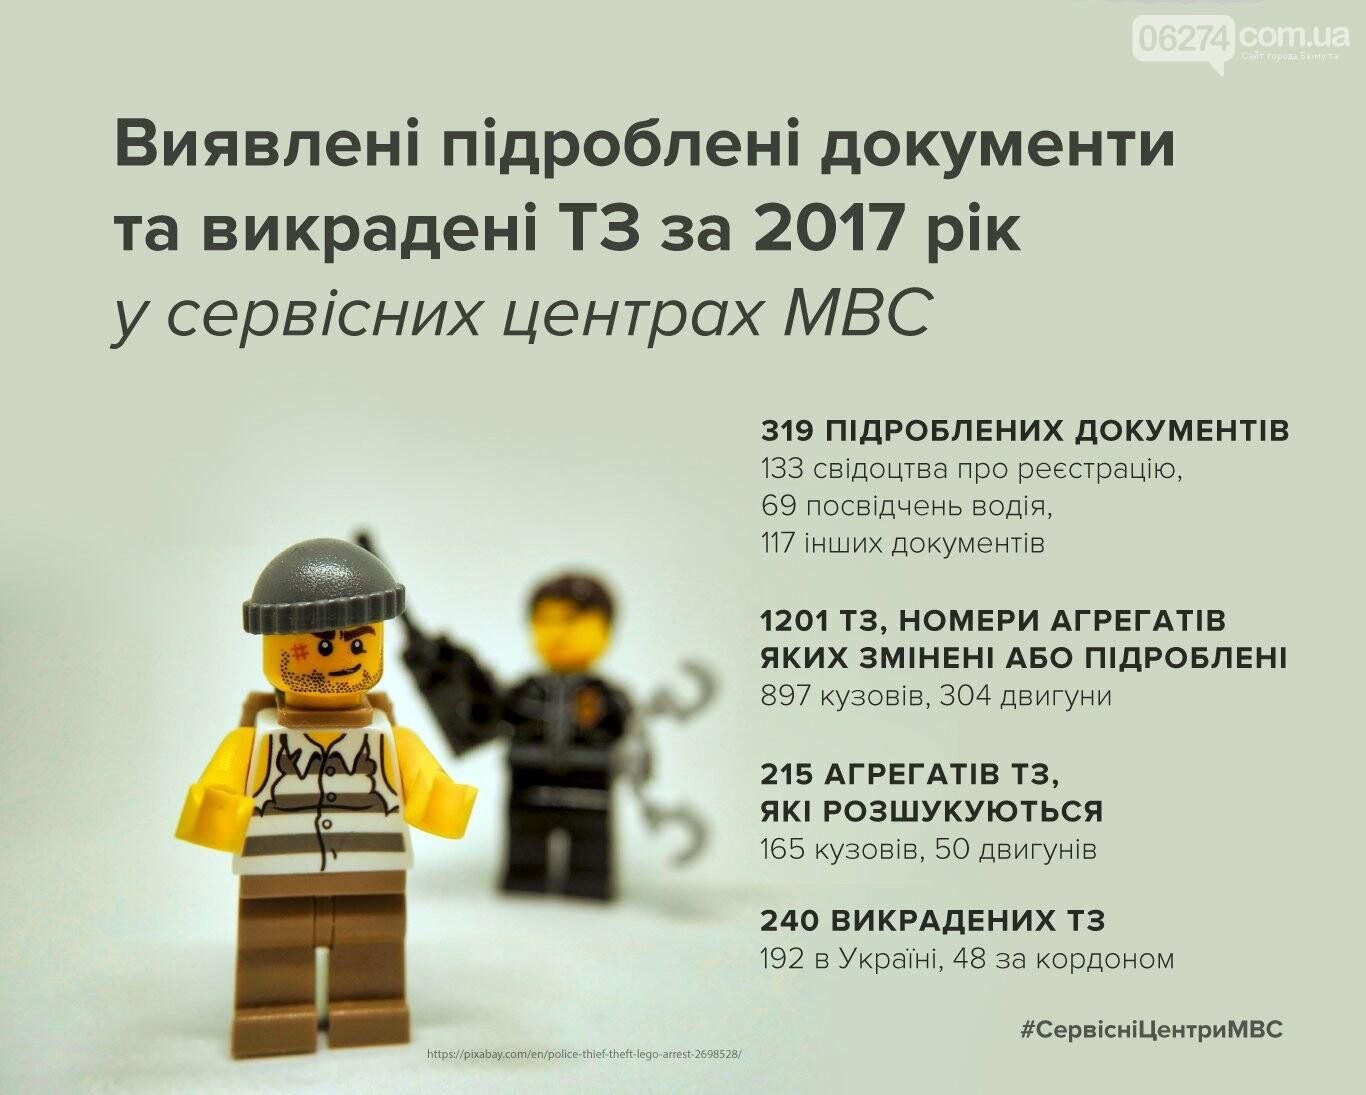 Сервисные центры МВД информируют: как обезопасить себя от поддельных документов и мошенников при покупке авто, фото-1